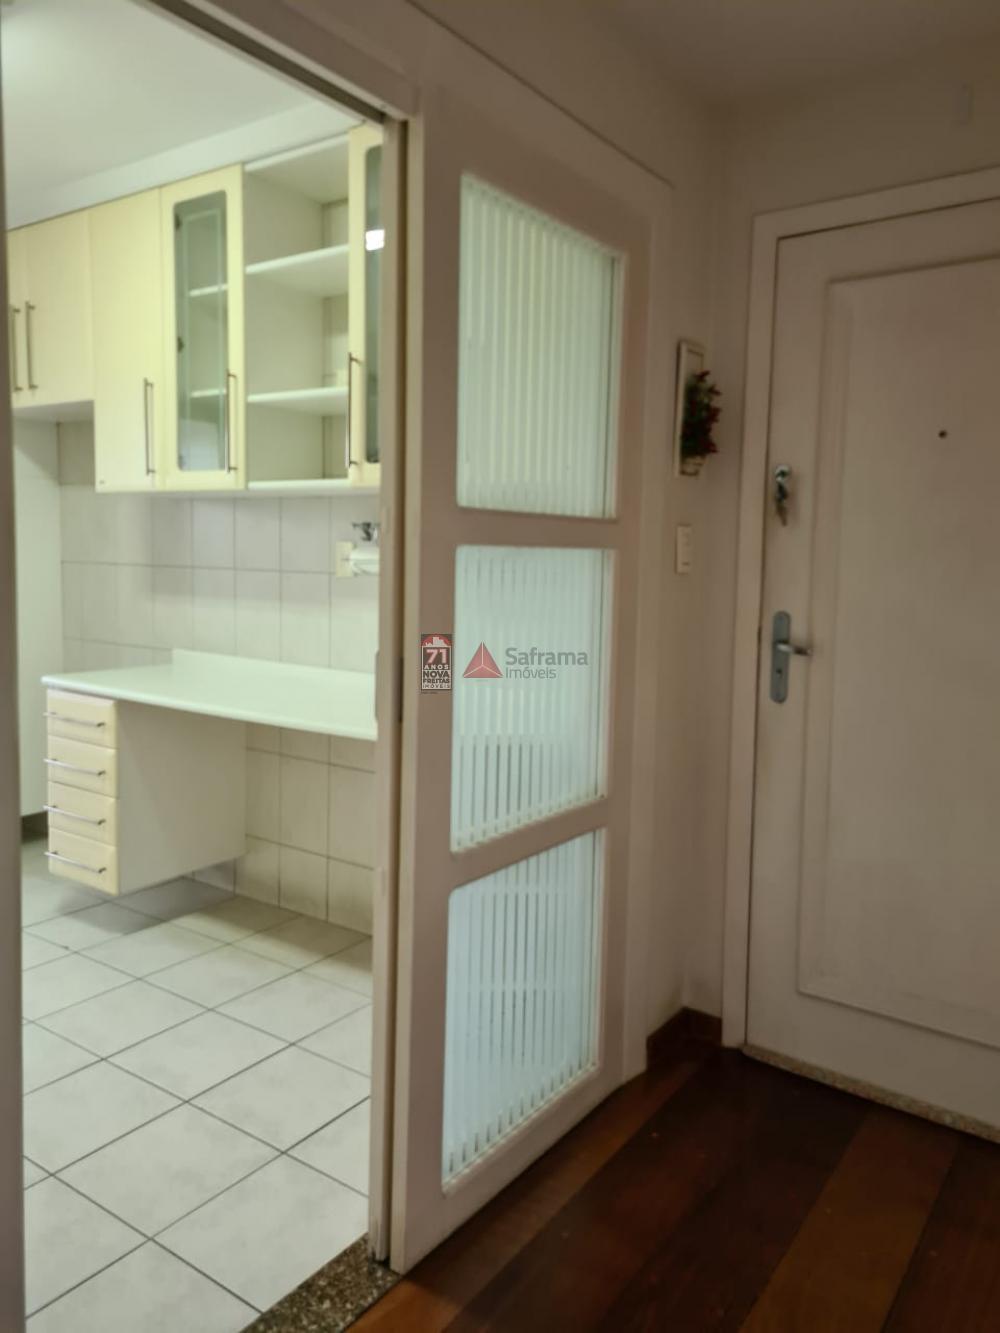 Comprar Apartamento / Padrão em Pindamonhangaba apenas R$ 430.000,00 - Foto 11